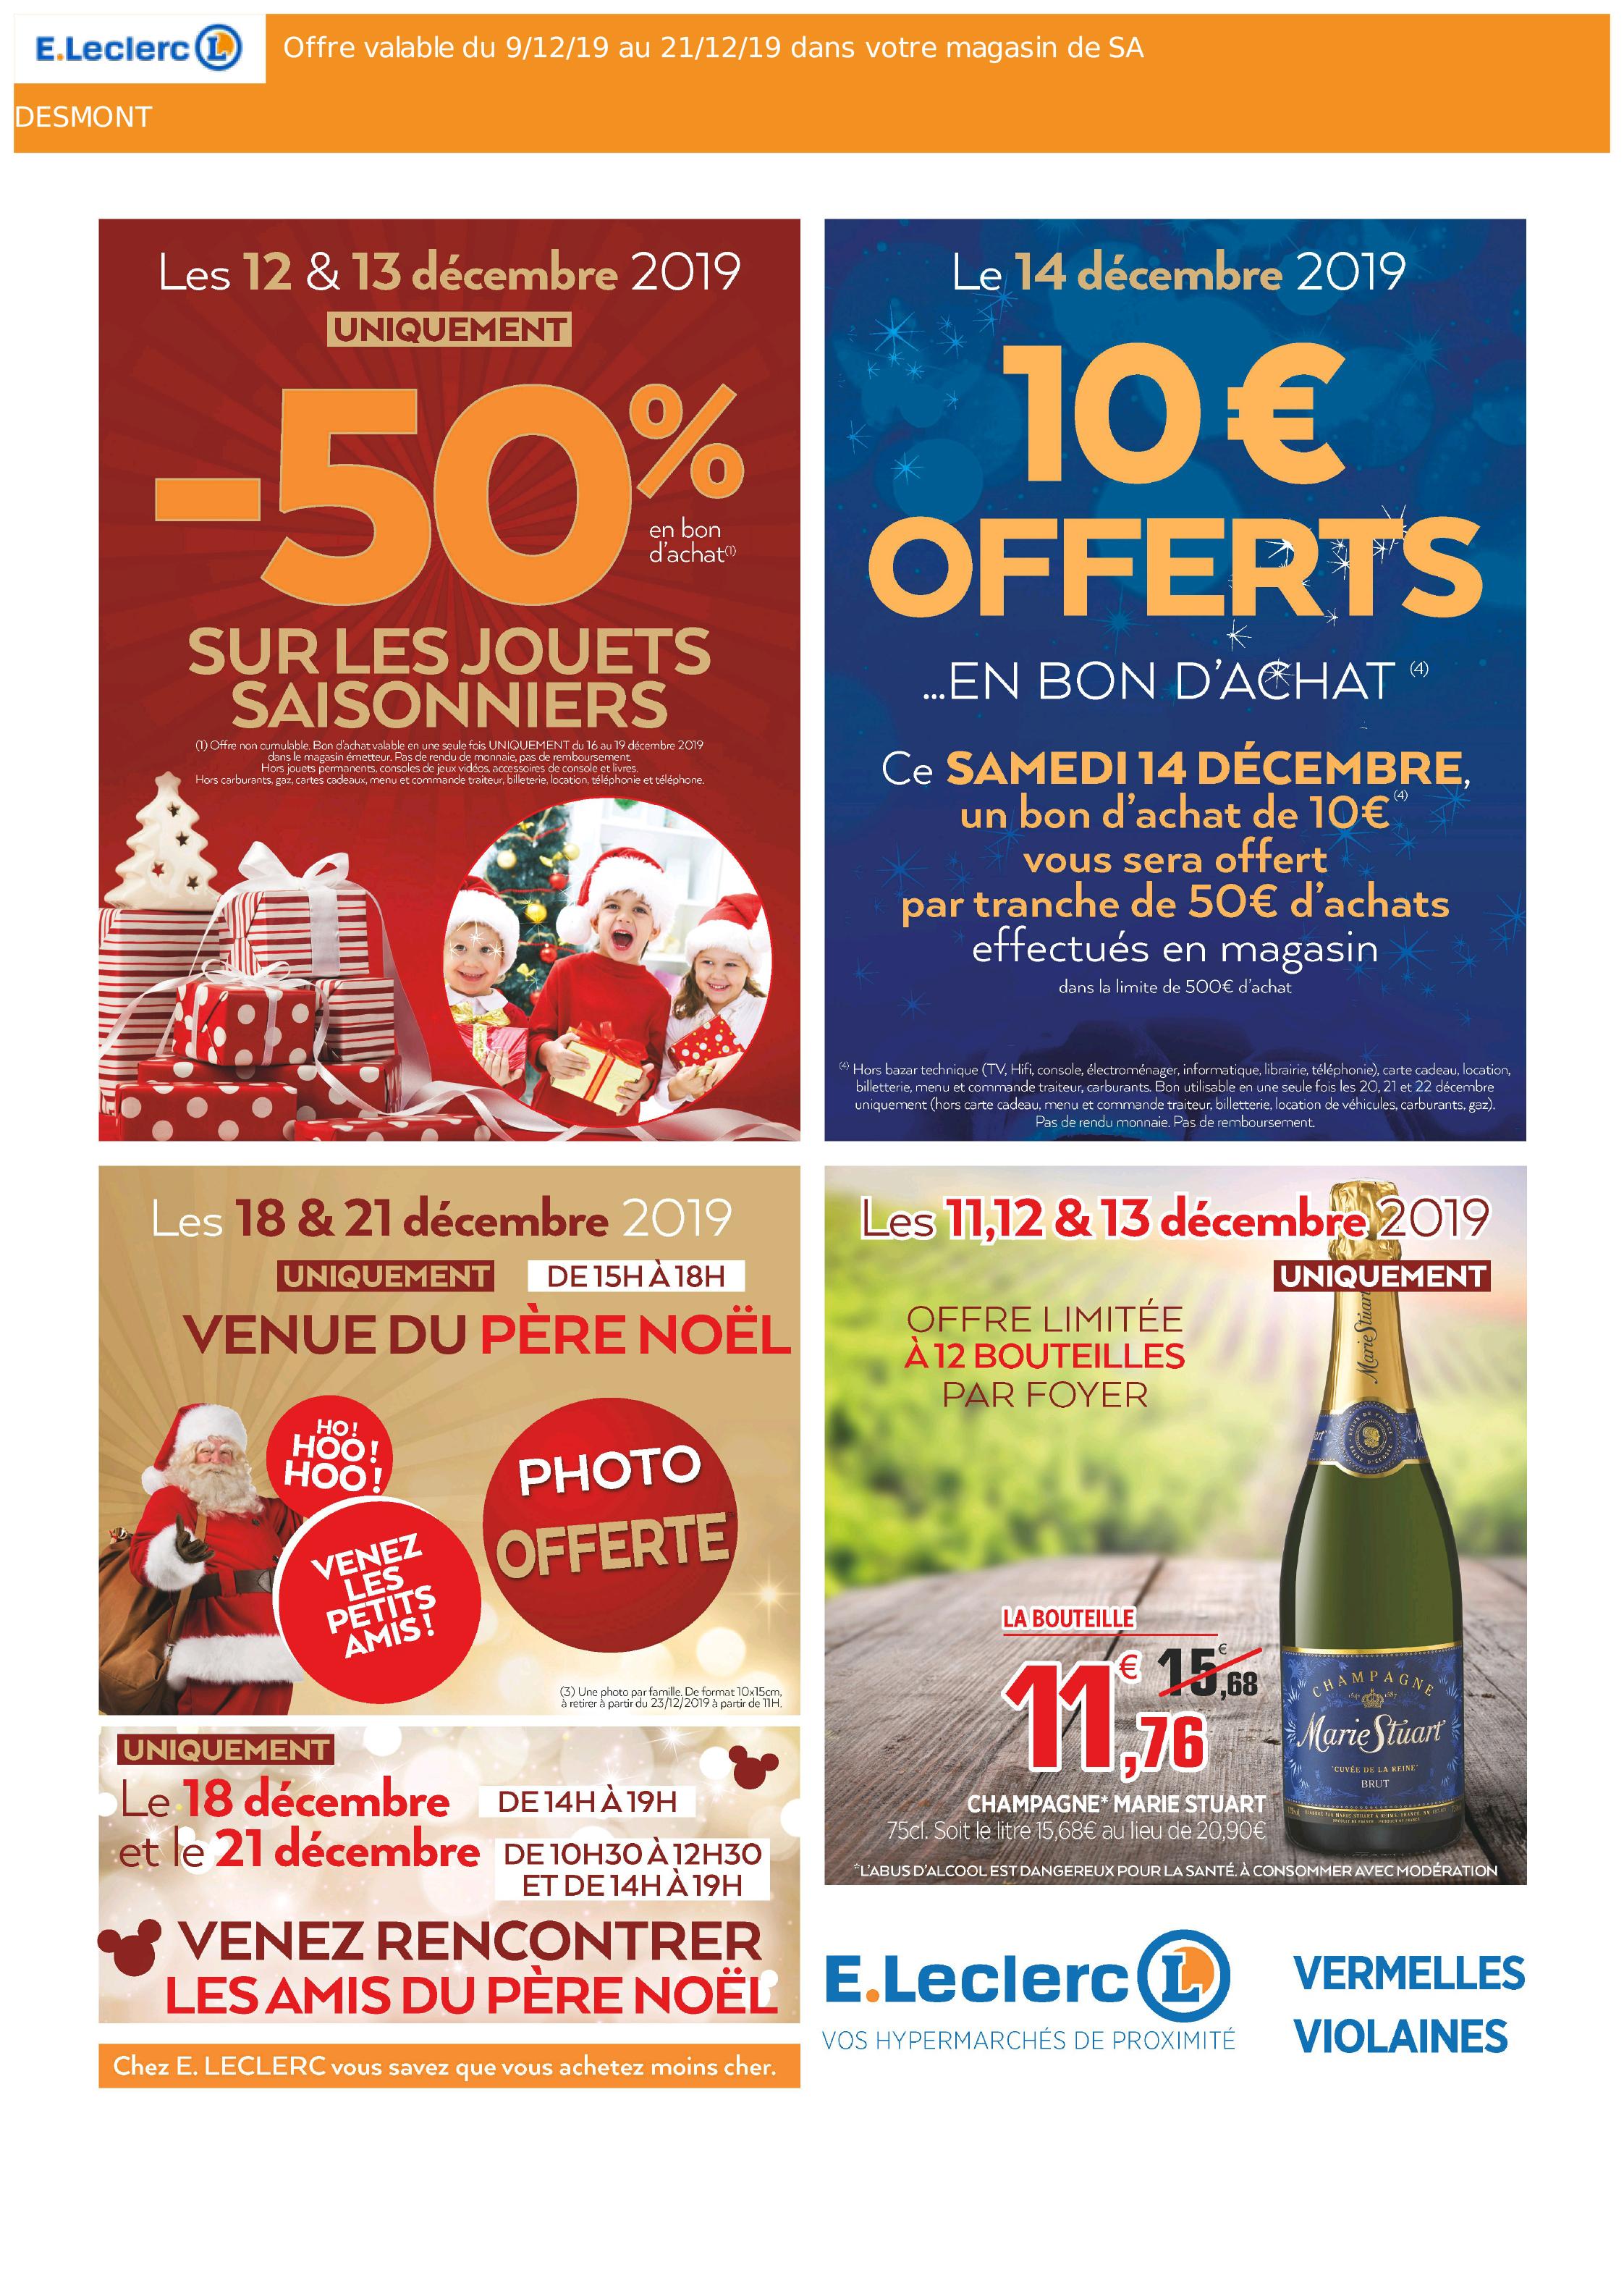 10€ offerts en bon d'achat par tranche de 50€ d'achats et 50% offerts en bon d'achat sur les jouets - Vermelles (62)